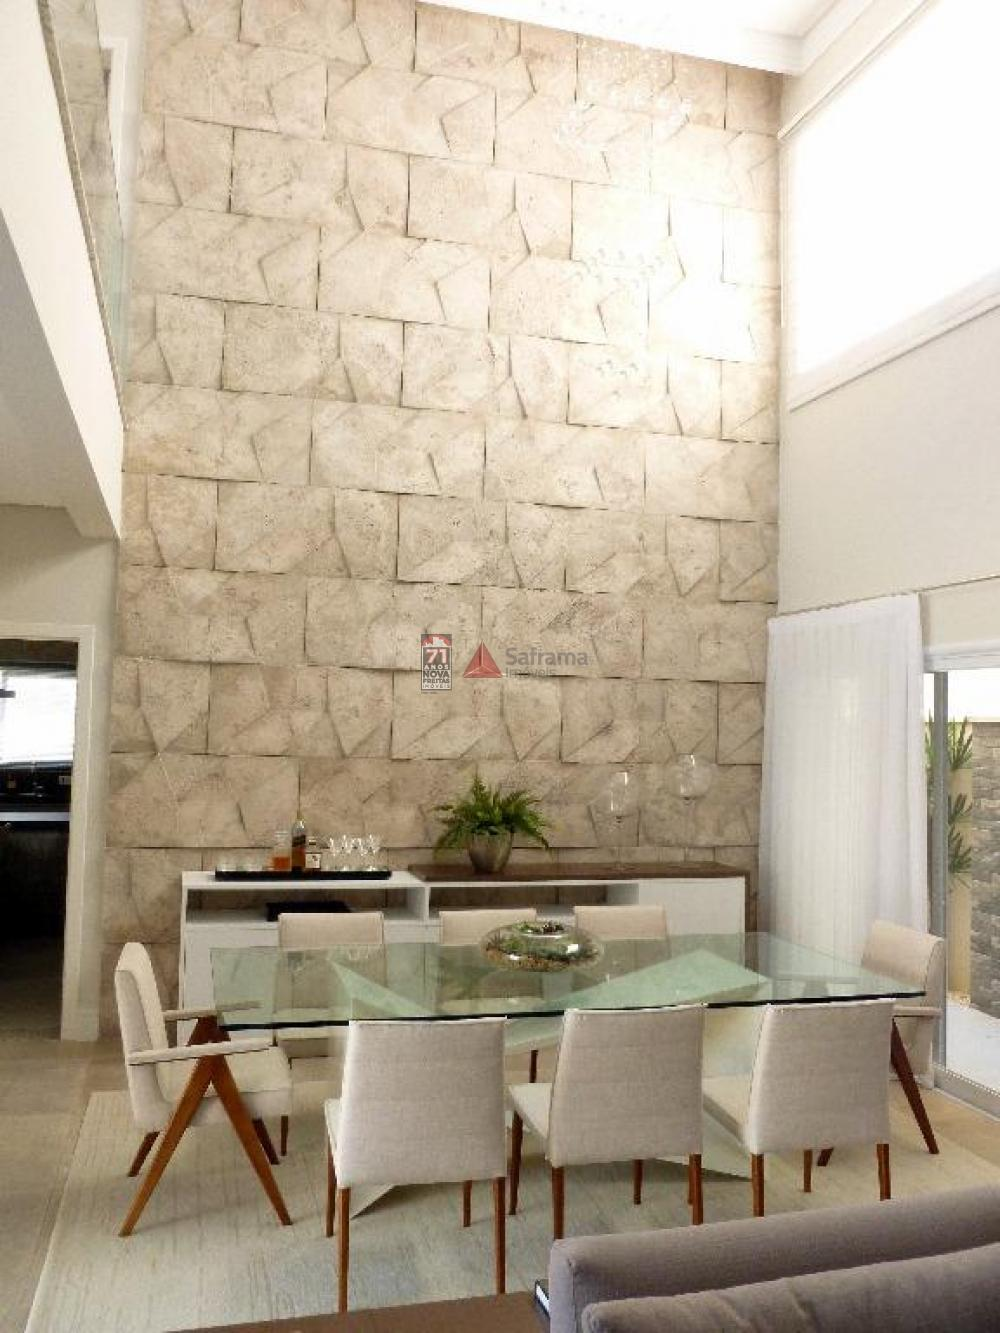 Comprar Casa / Sobrado em Condomínio em São José dos Campos apenas R$ 2.800.000,00 - Foto 8